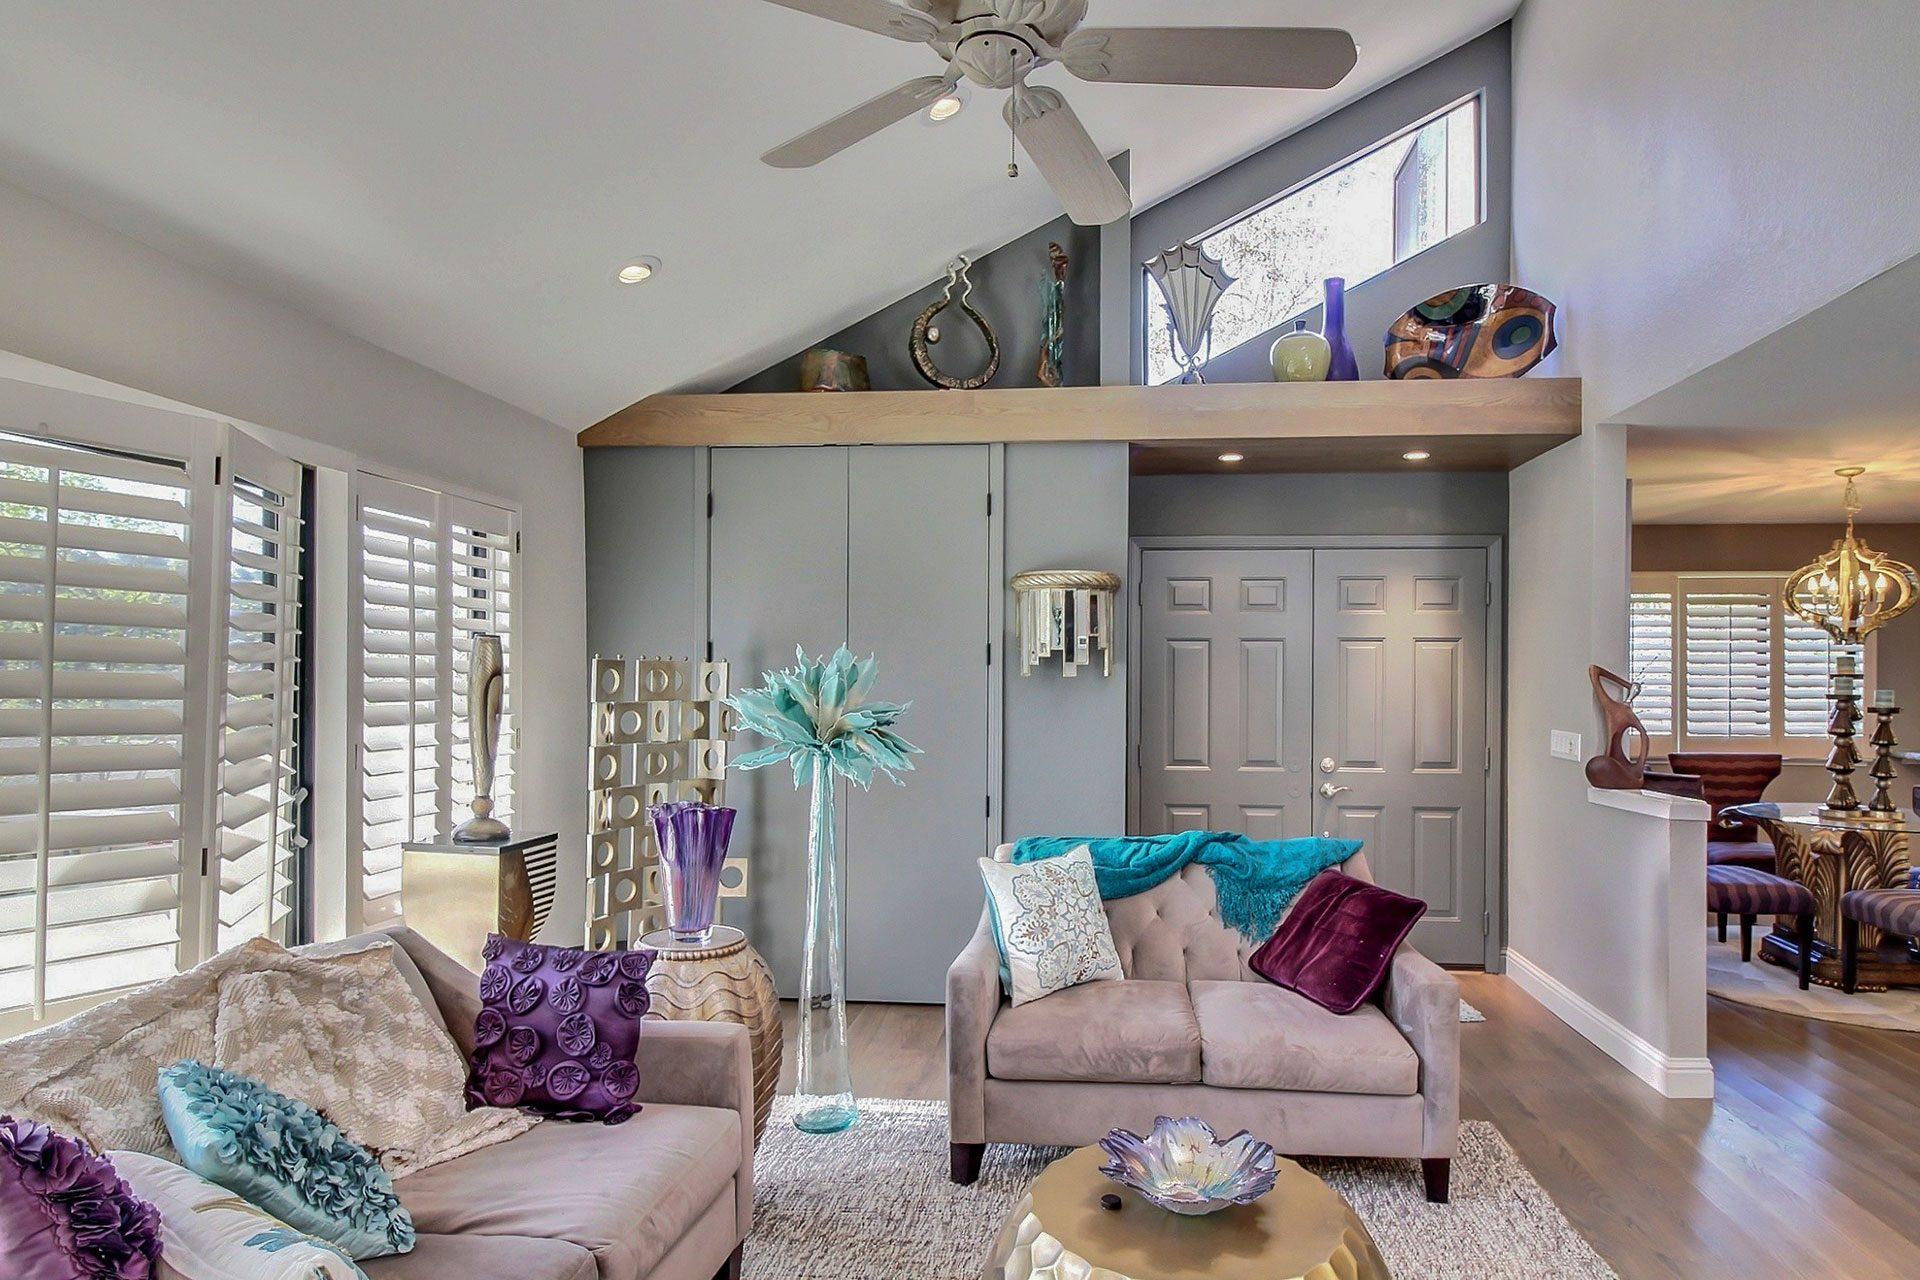 3d living room decorations